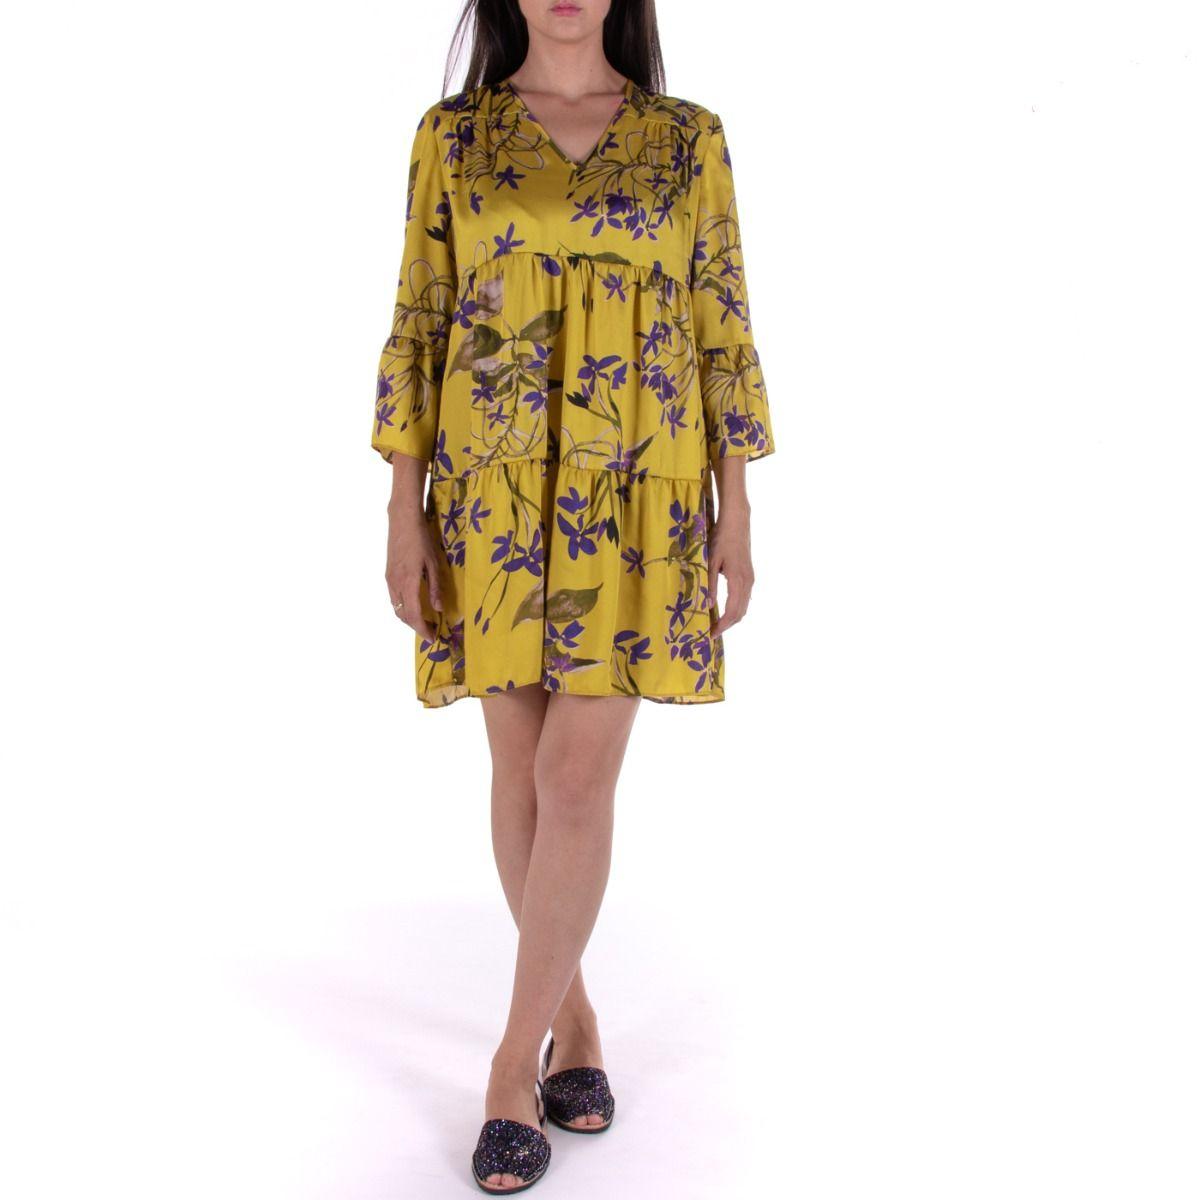 free shipping 4a090 b193b Vestito donna corto|OPERÀ 70690 ORCHIDEA giallo floreale ...